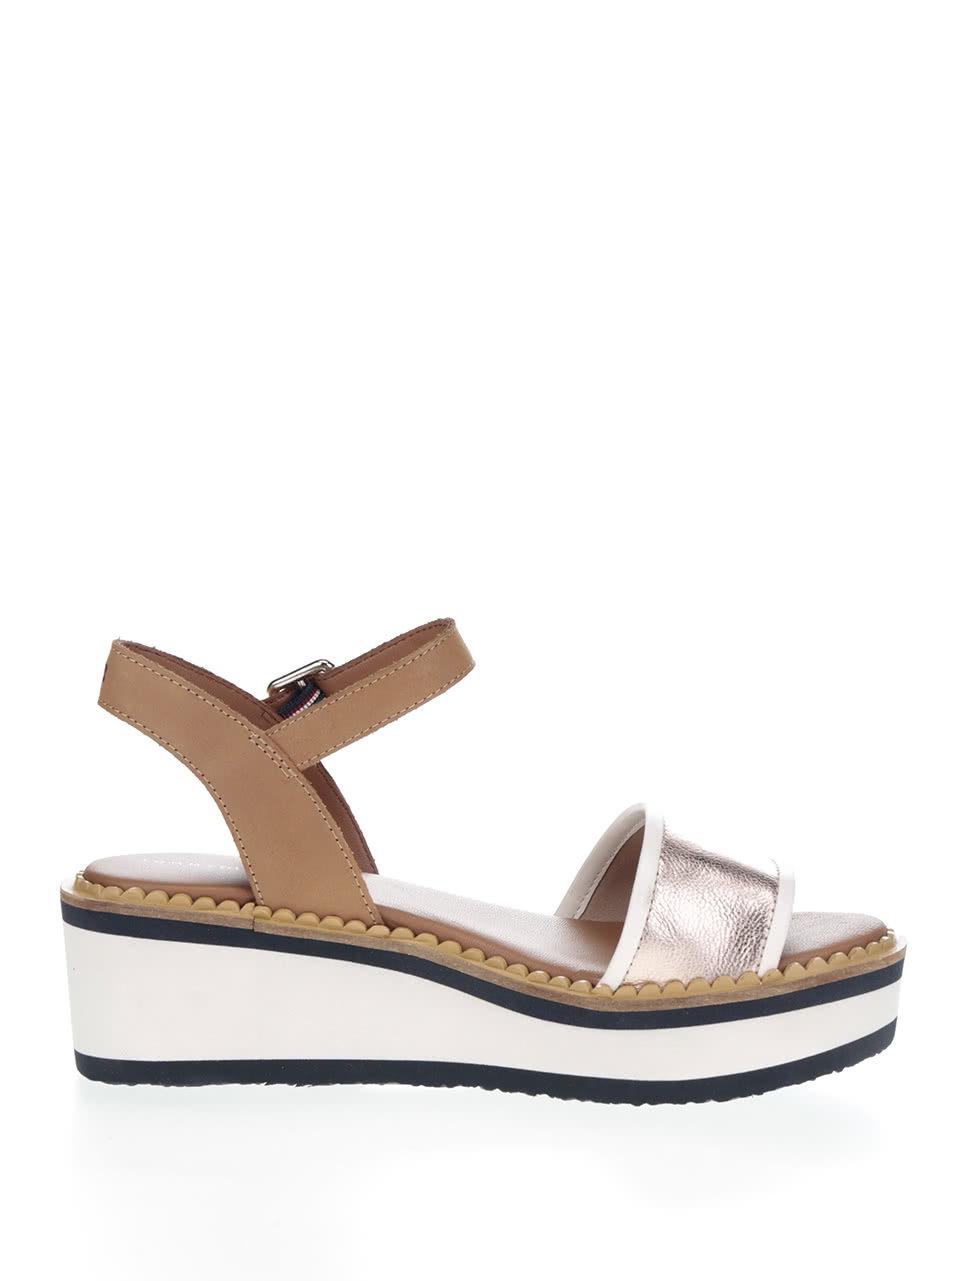 2144cdcc6b67 Krémovo-hnedé dámske sandále na platforme Tommy Hilfiger ...